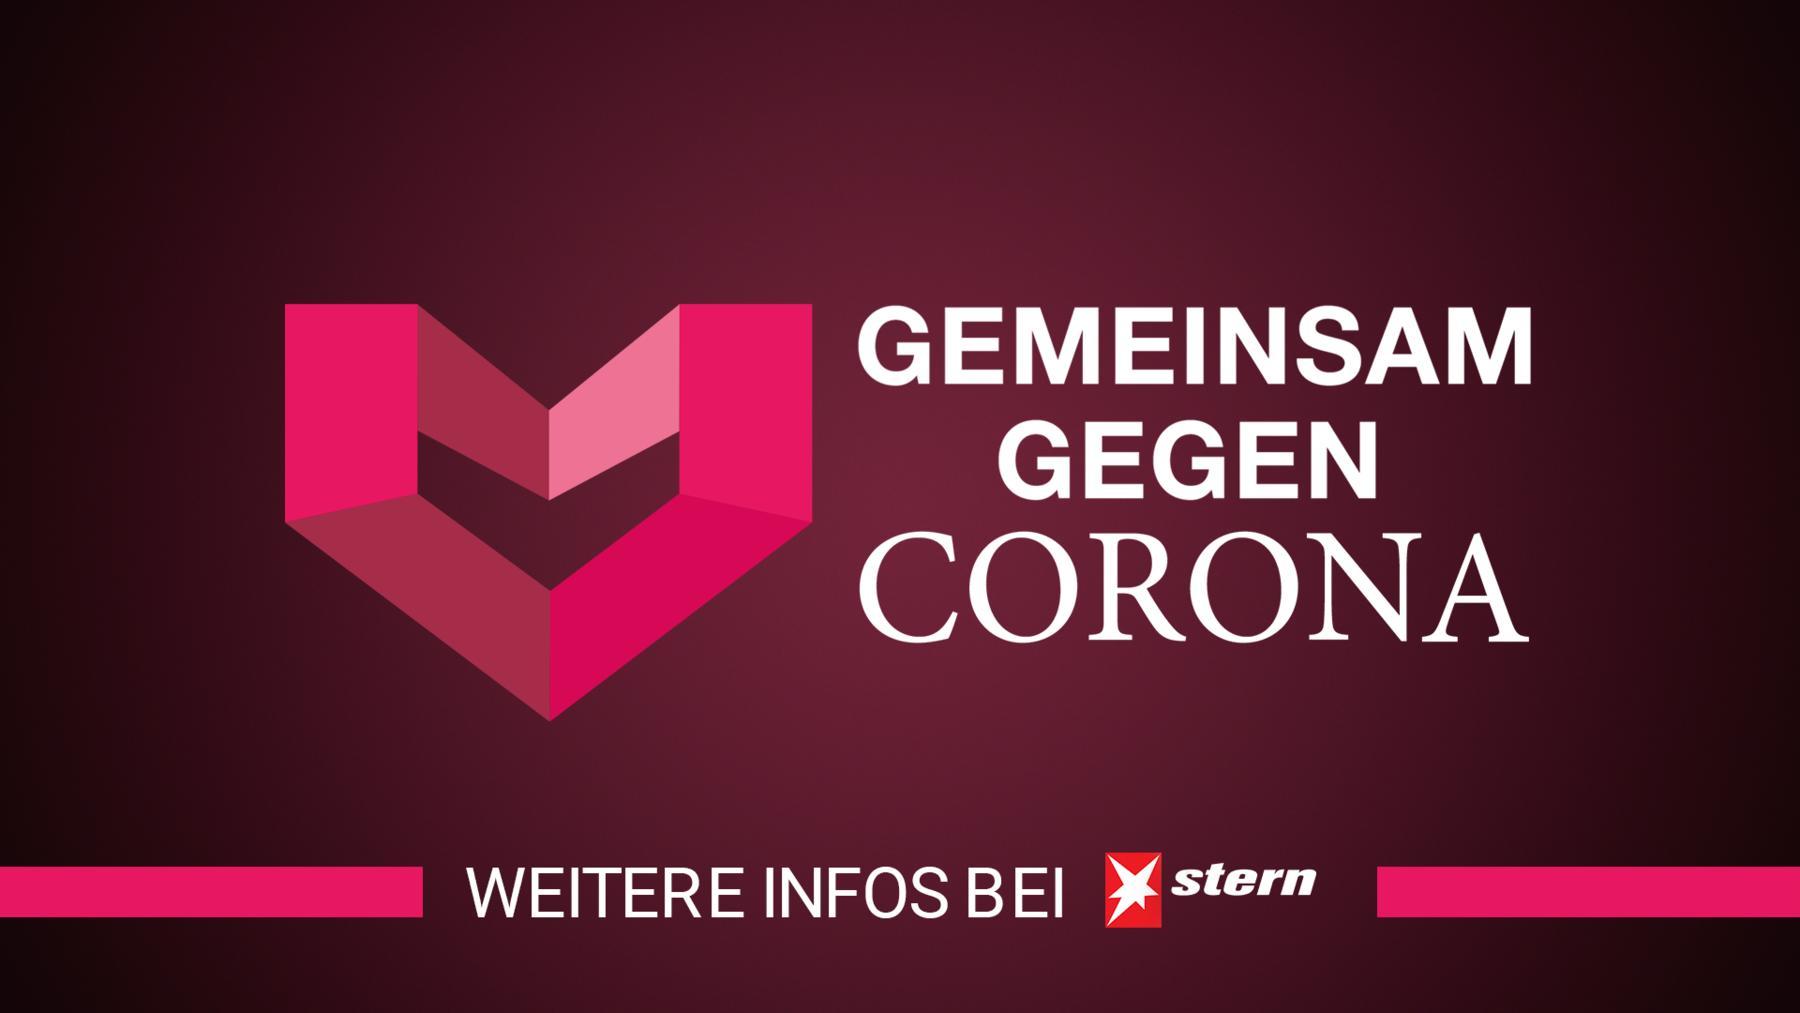 Weitere Infos bei stern.de